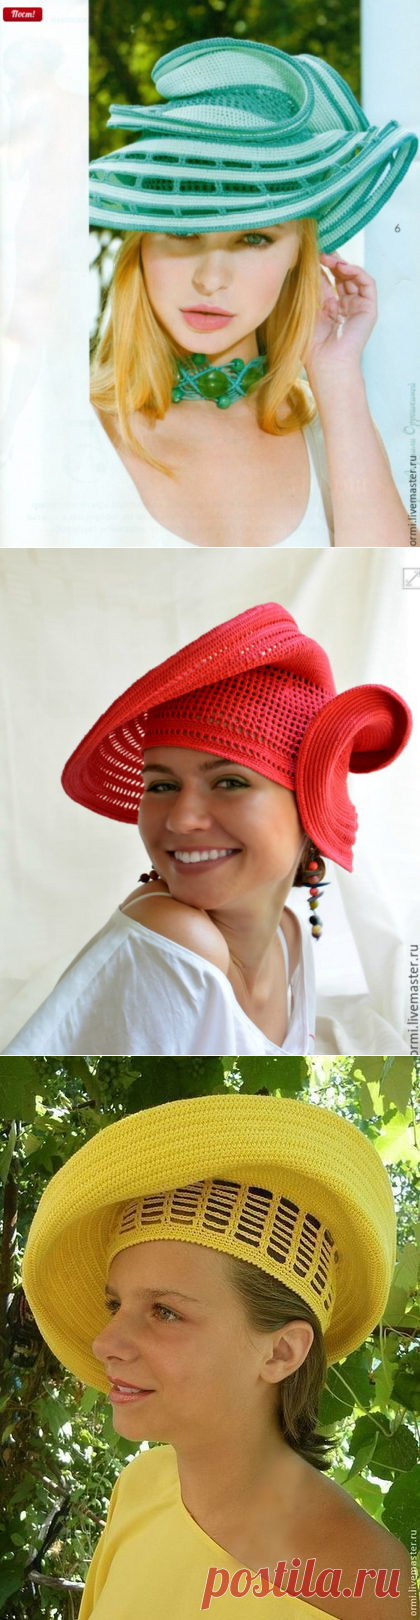 Los sombreros estupendos tejidos